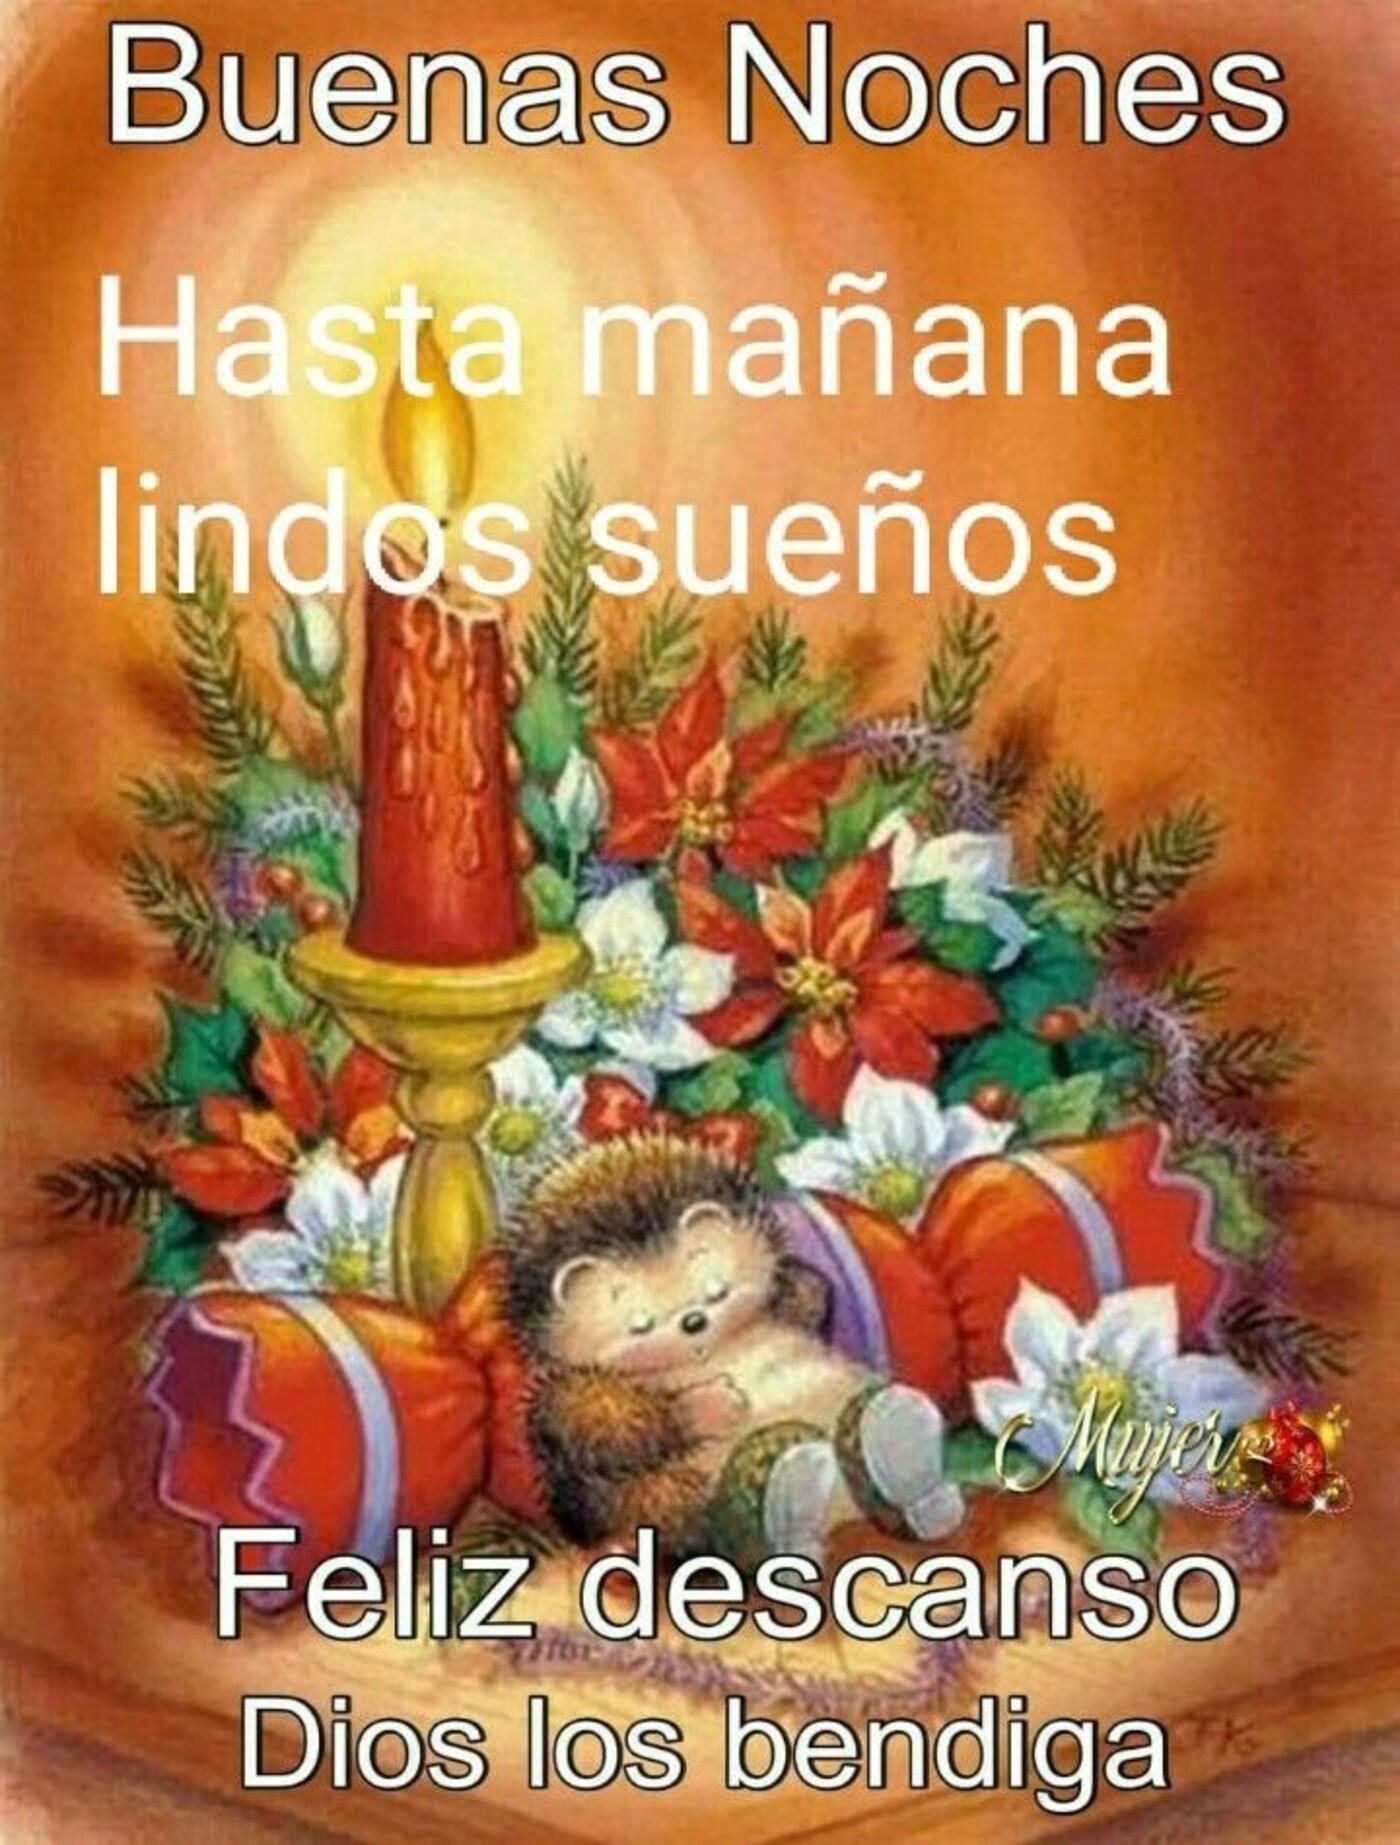 Buenas Noches hasta mañana, lindo sueños...feliz descanso Dios los bendiga